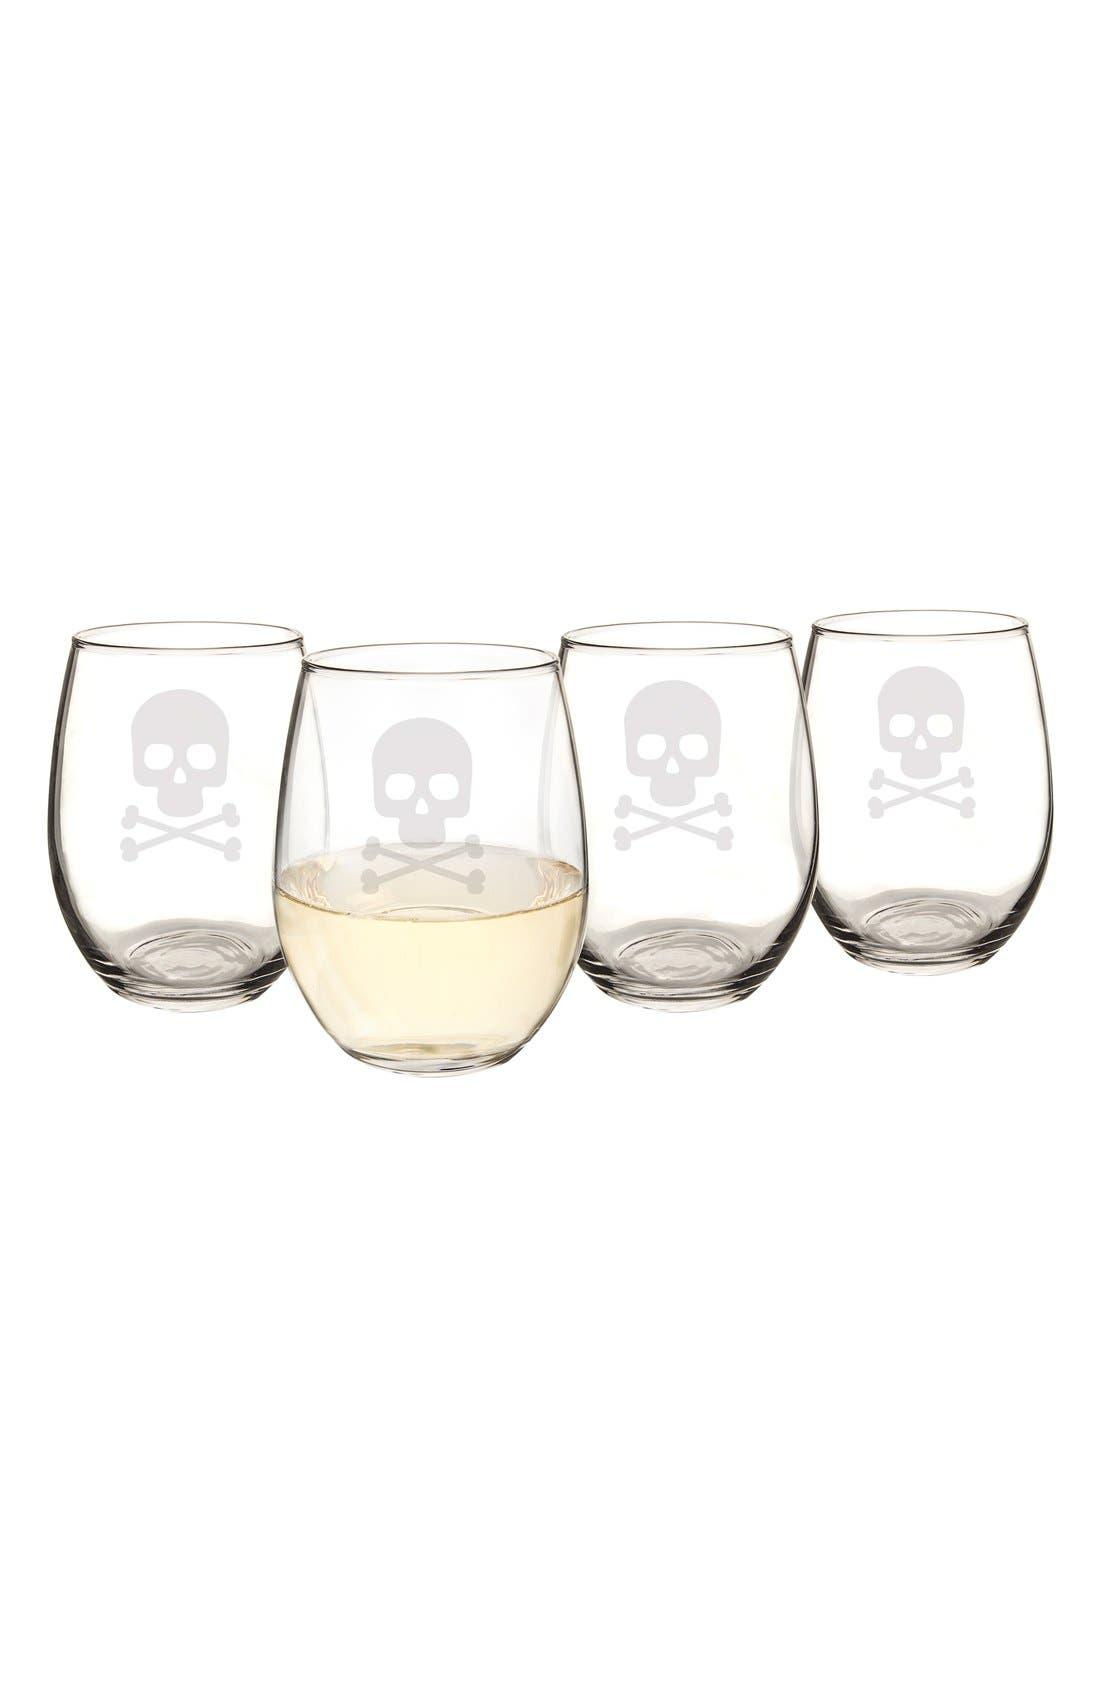 Skull & Crossbones Set of 4 Stemless Wine Glasses,                             Alternate thumbnail 3, color,                             Clear